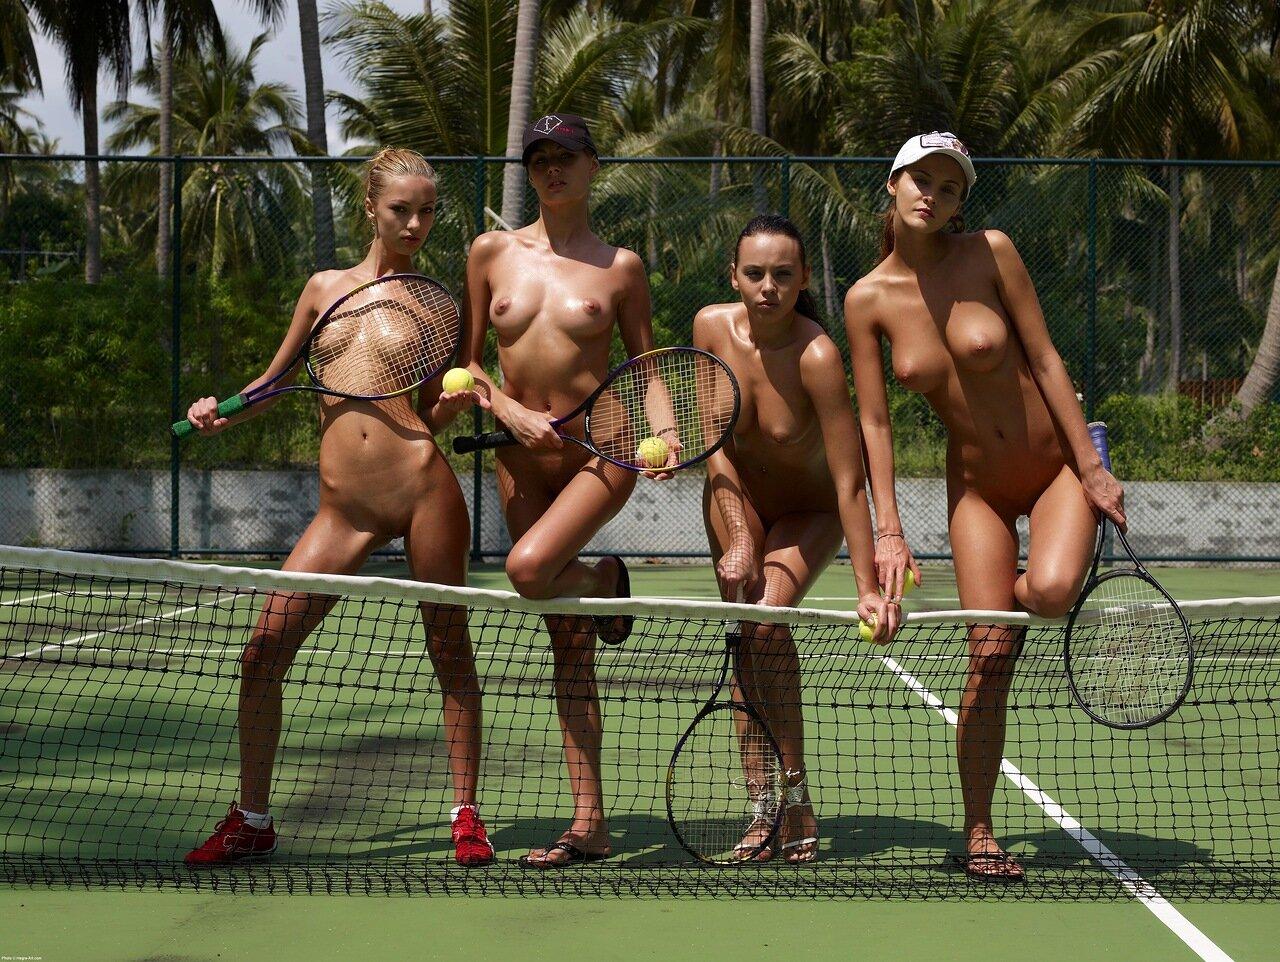 Эротика фото в спорте 19 фотография